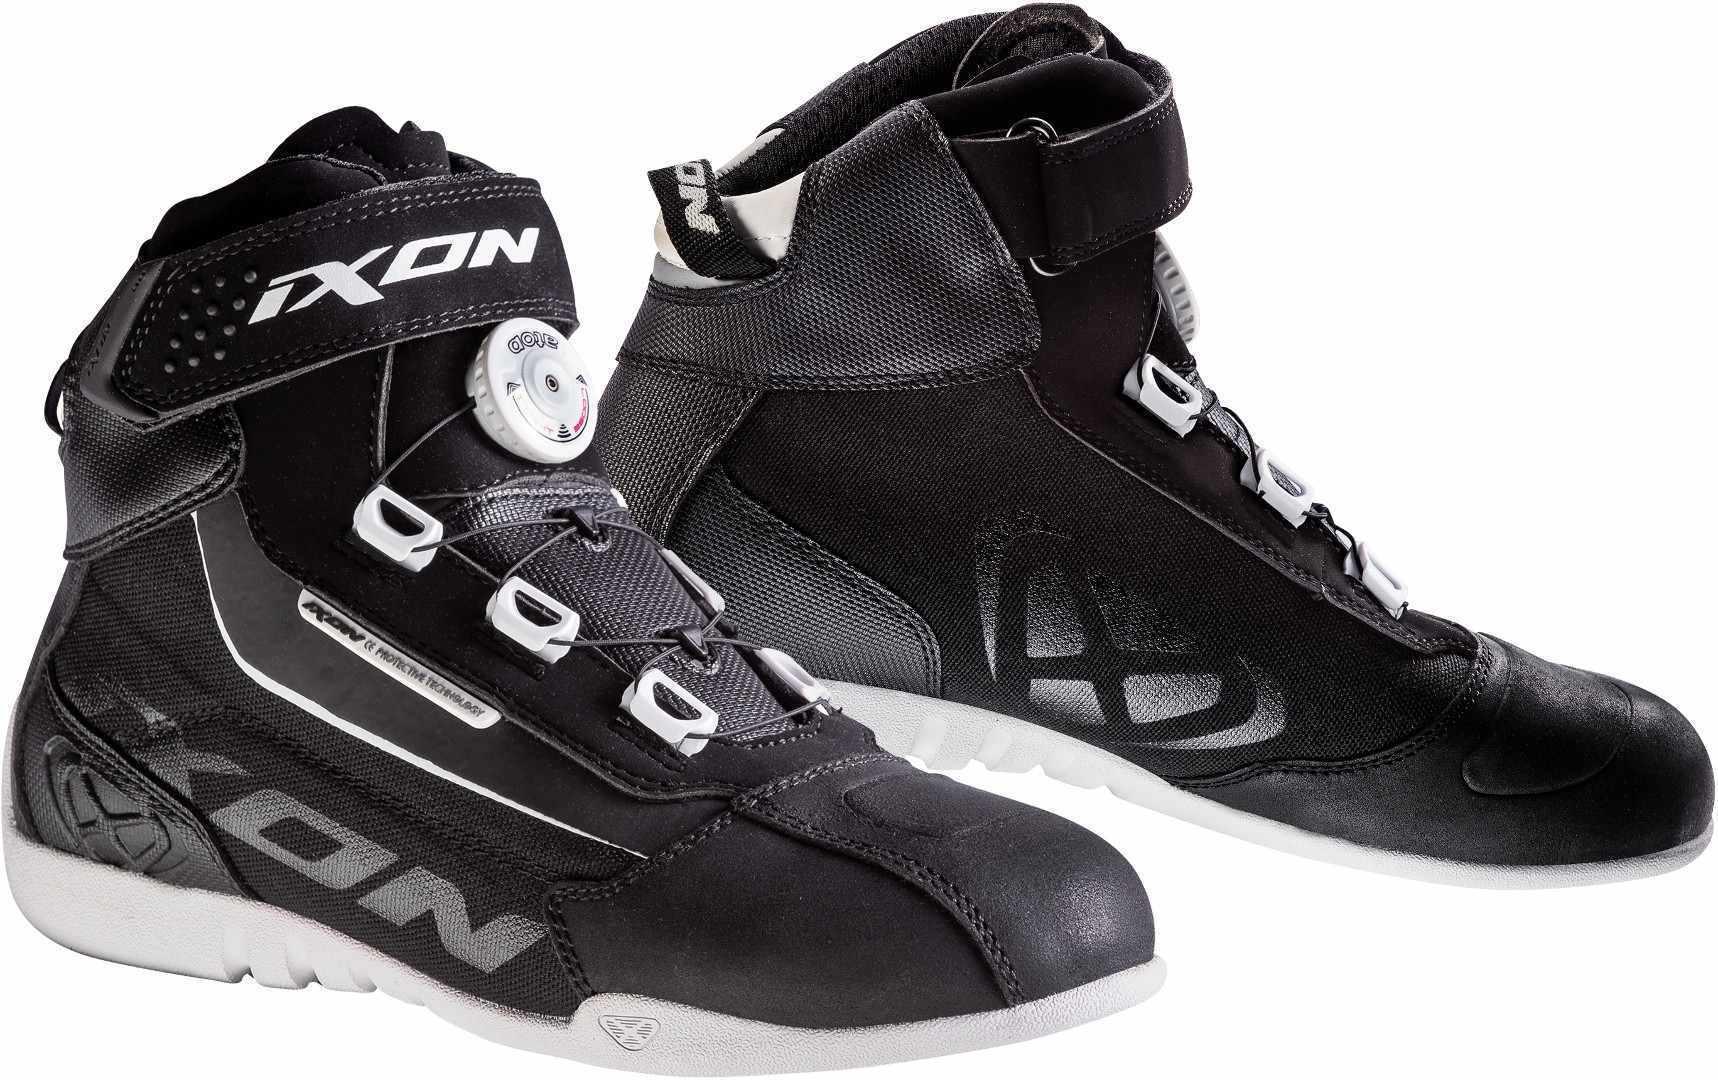 Ixon Assault Evo L Ladies chaussures de moto Noir Blanc taille : 37